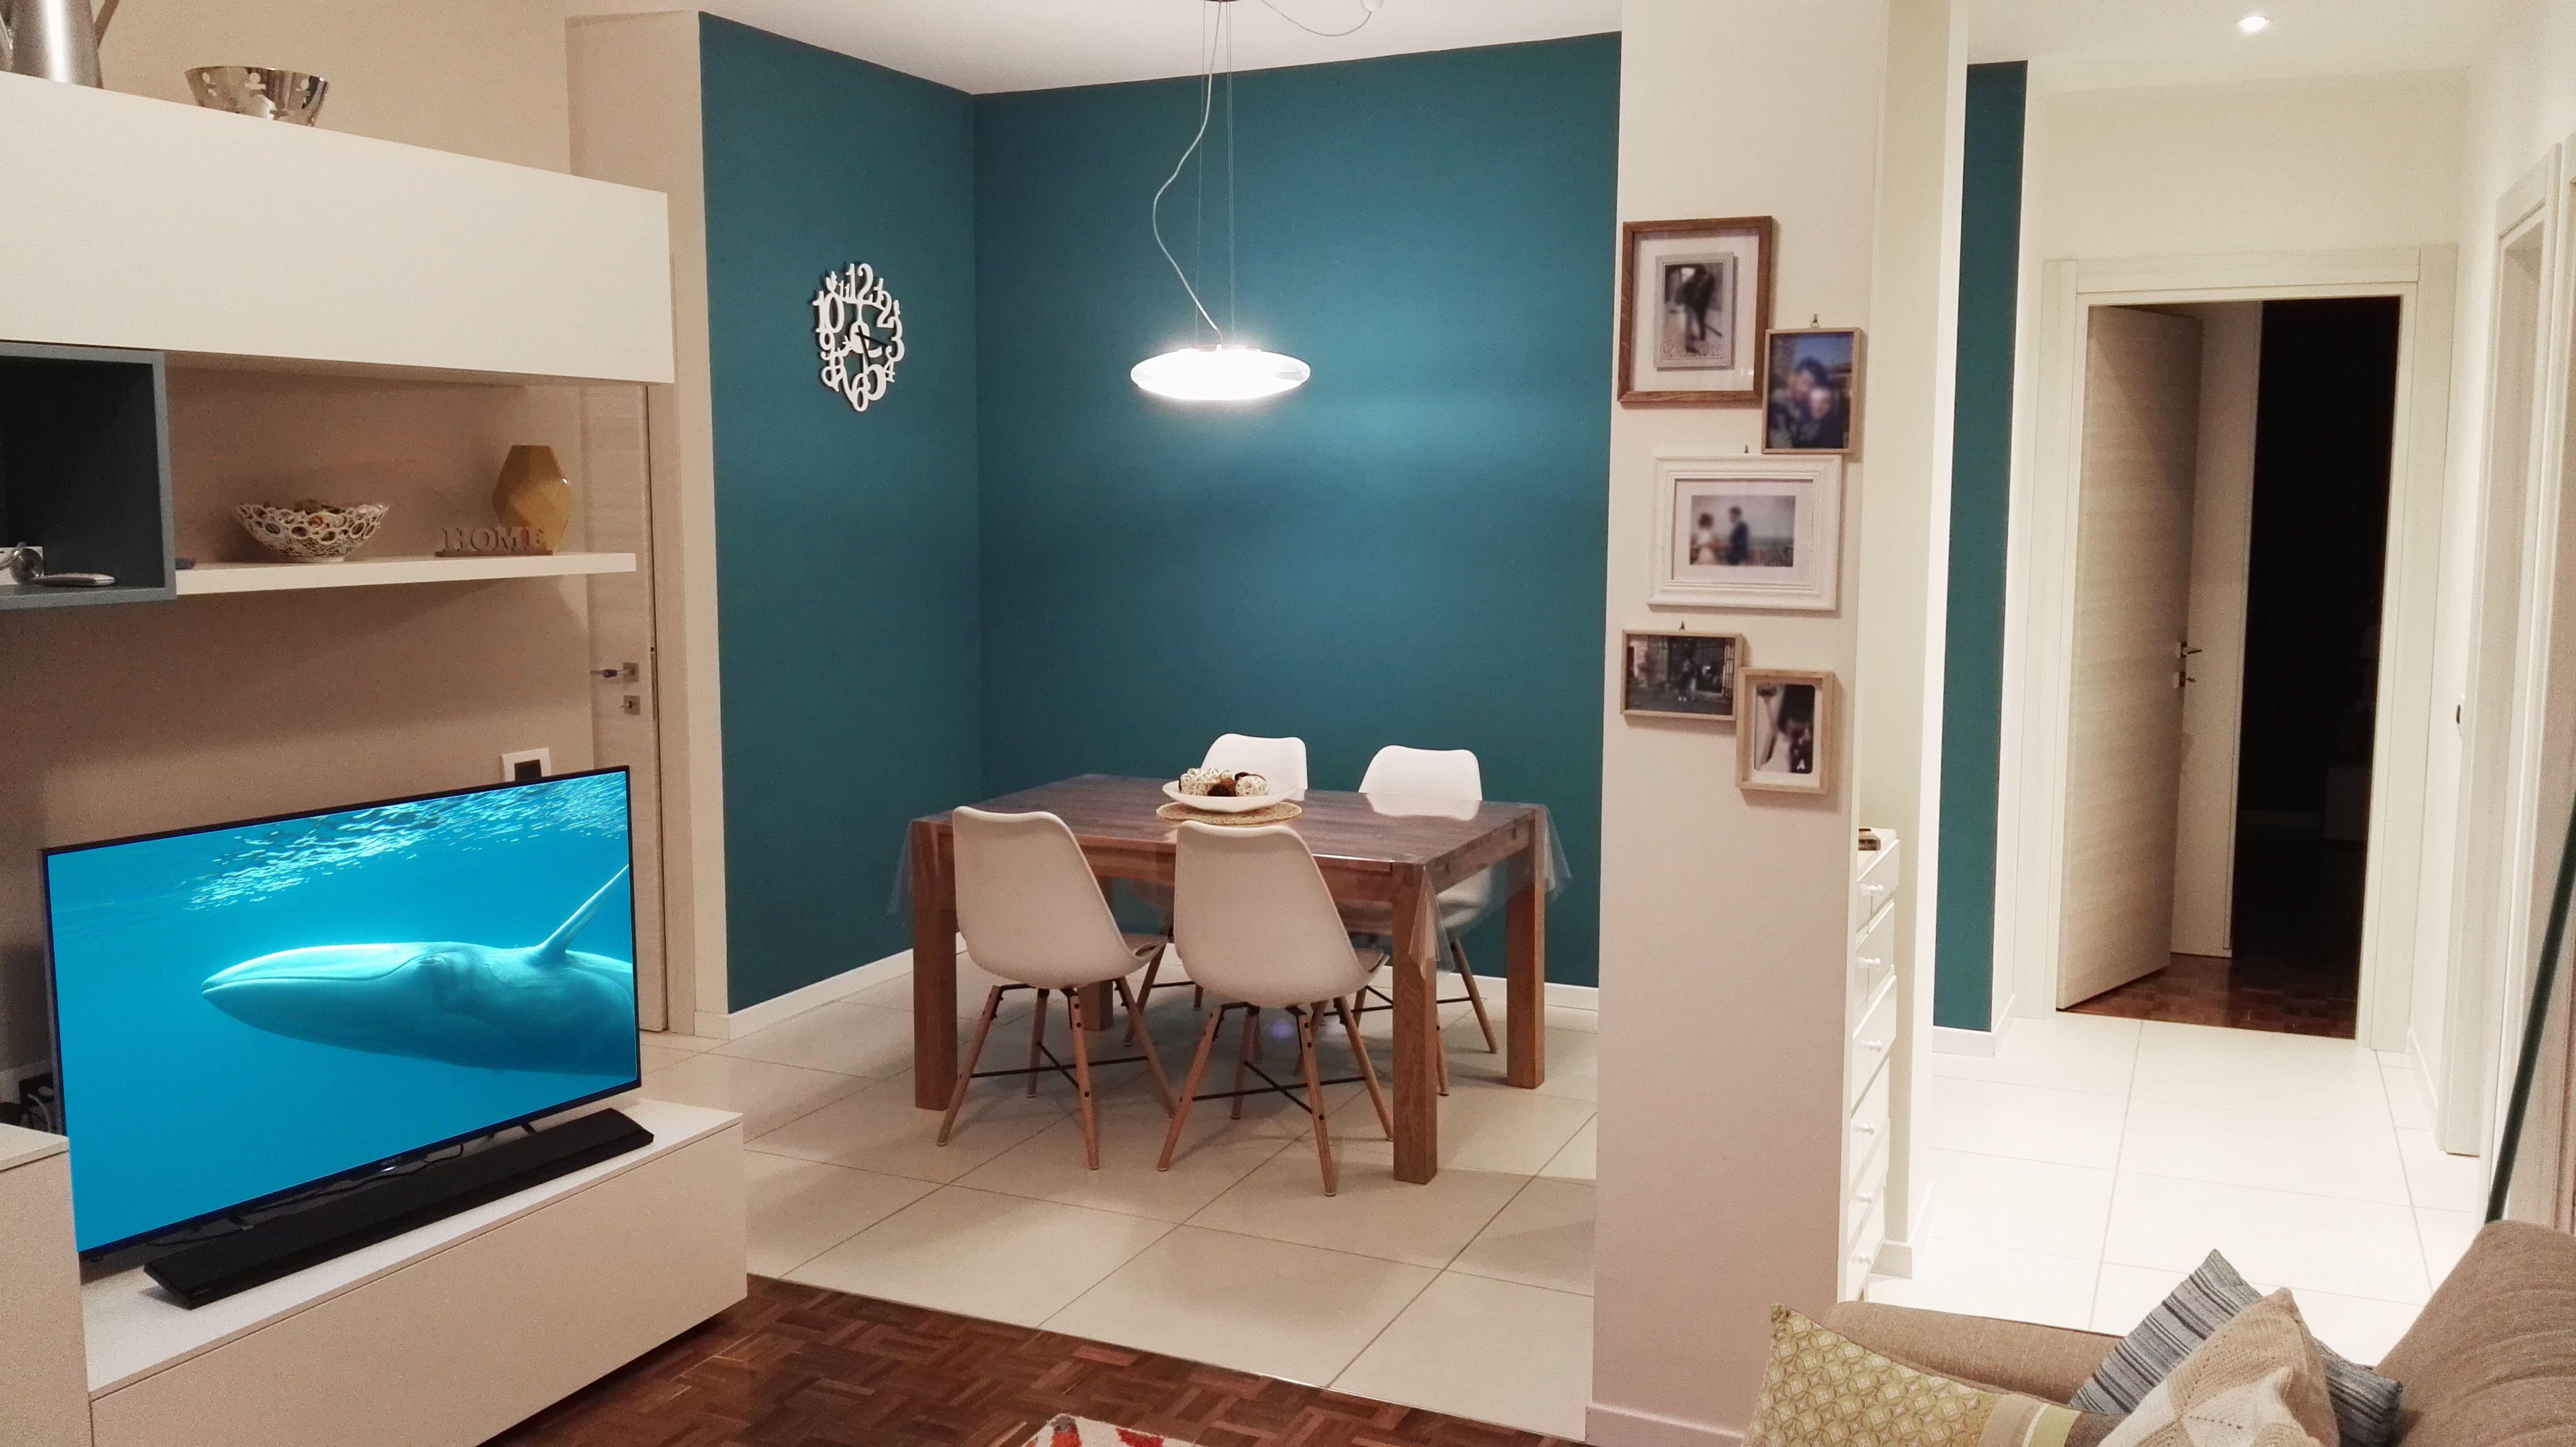 Arredamento Color Petrolio inaspettato: il colore blu petrolio per le pareti (con